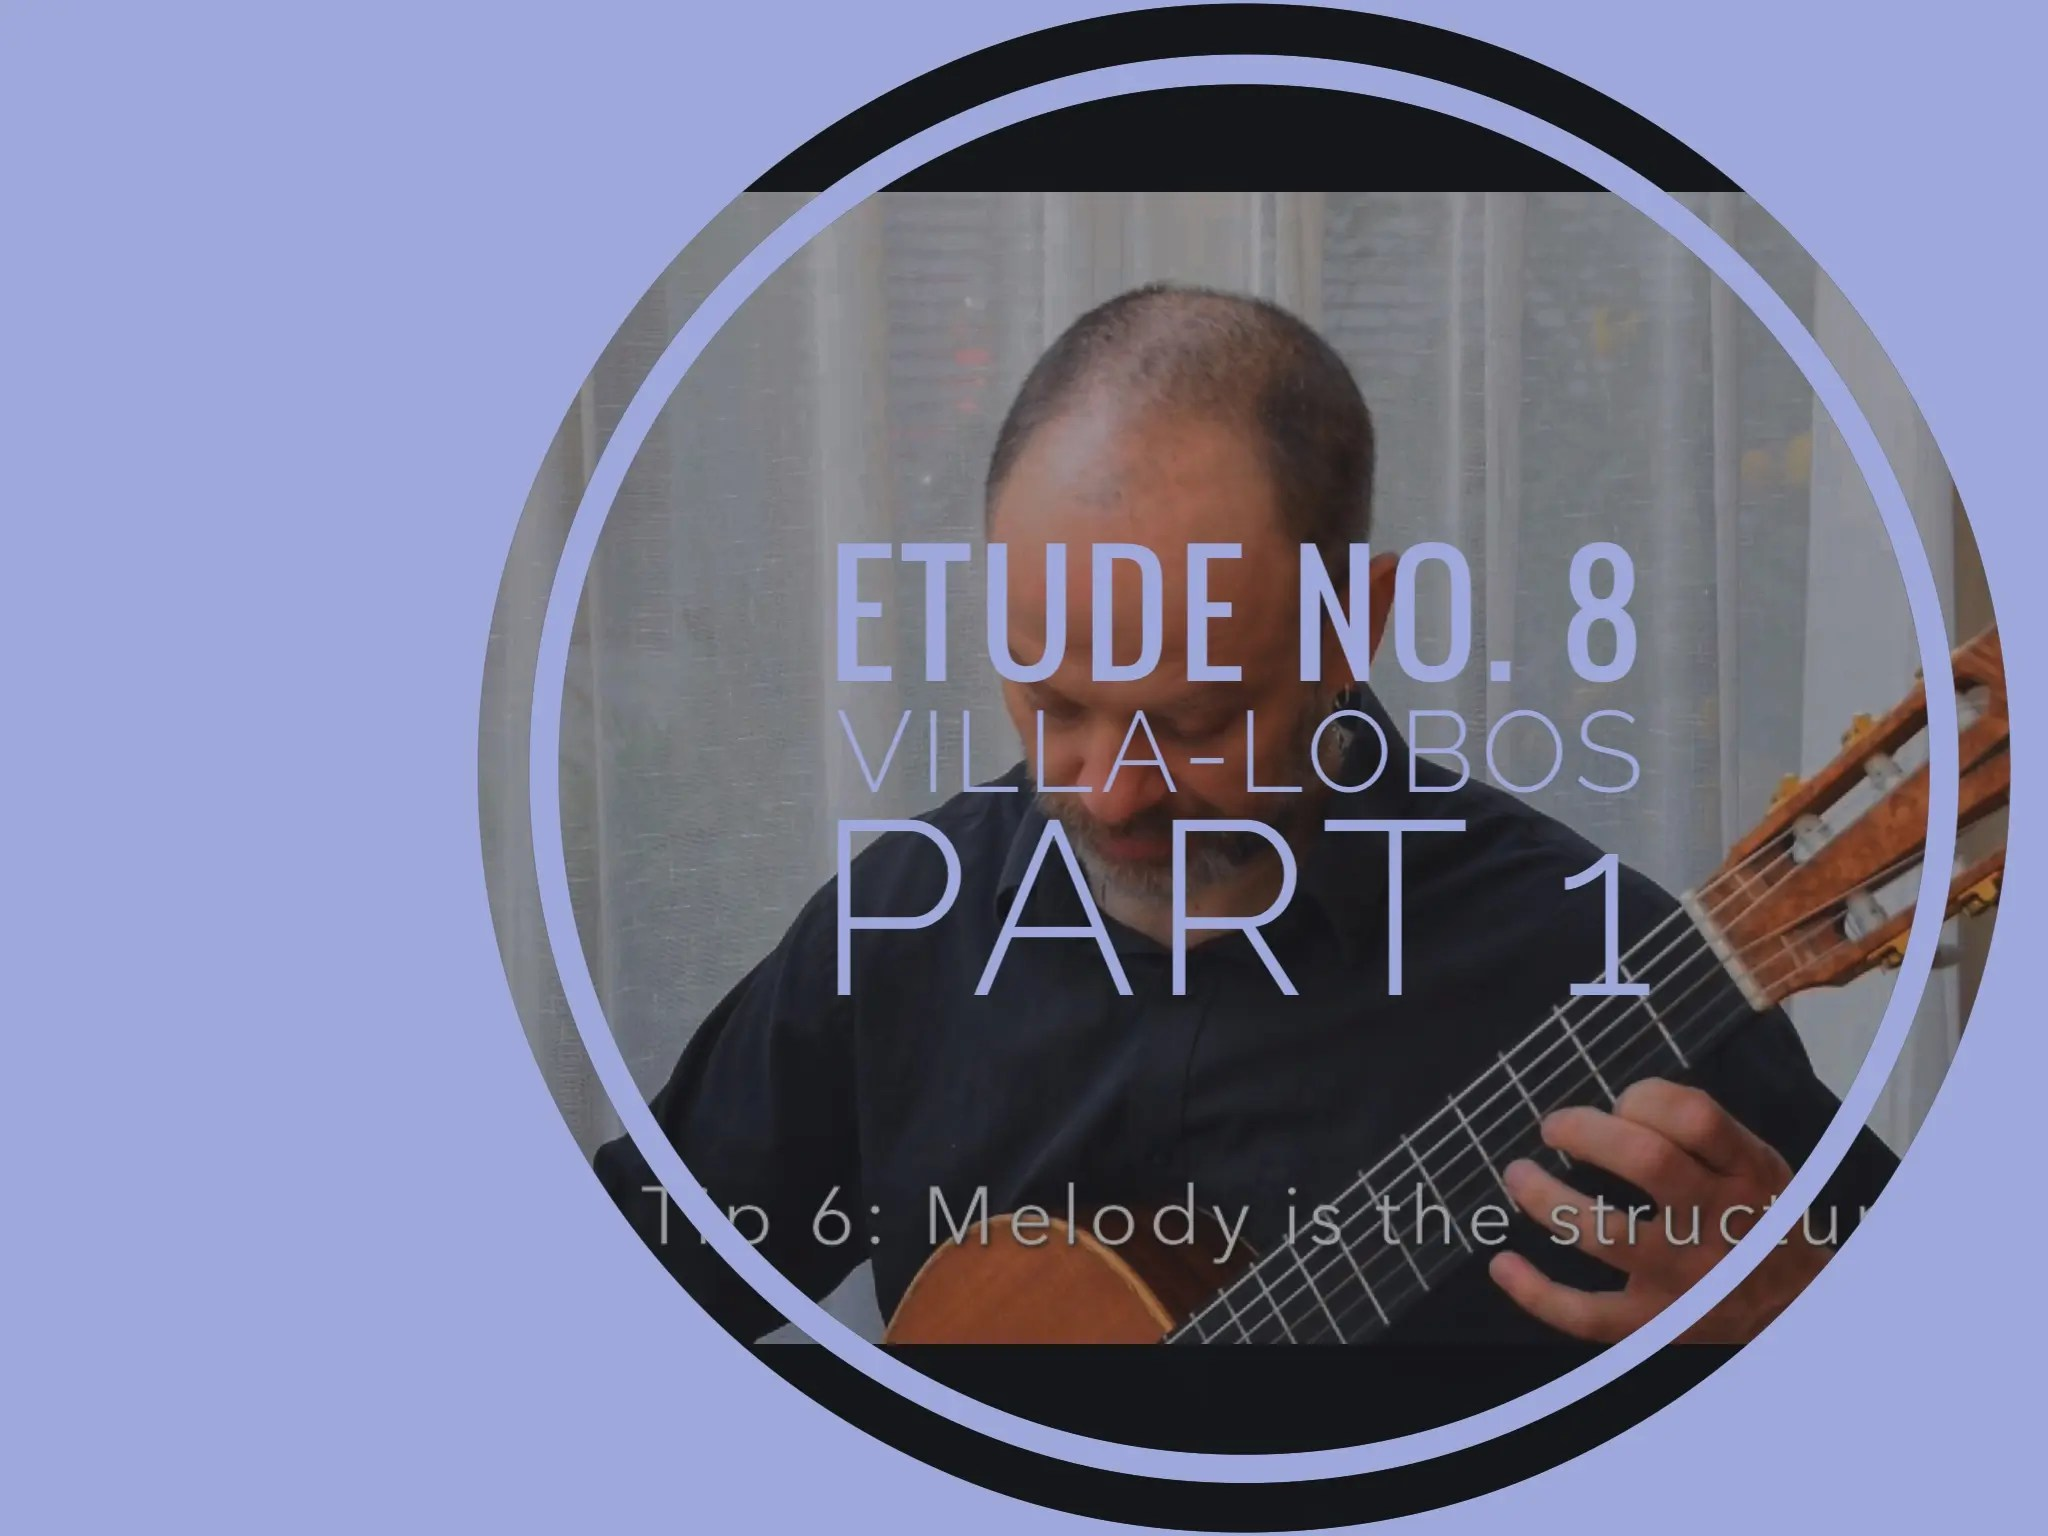 Approaching Etude No. 8 Villa-Lobos